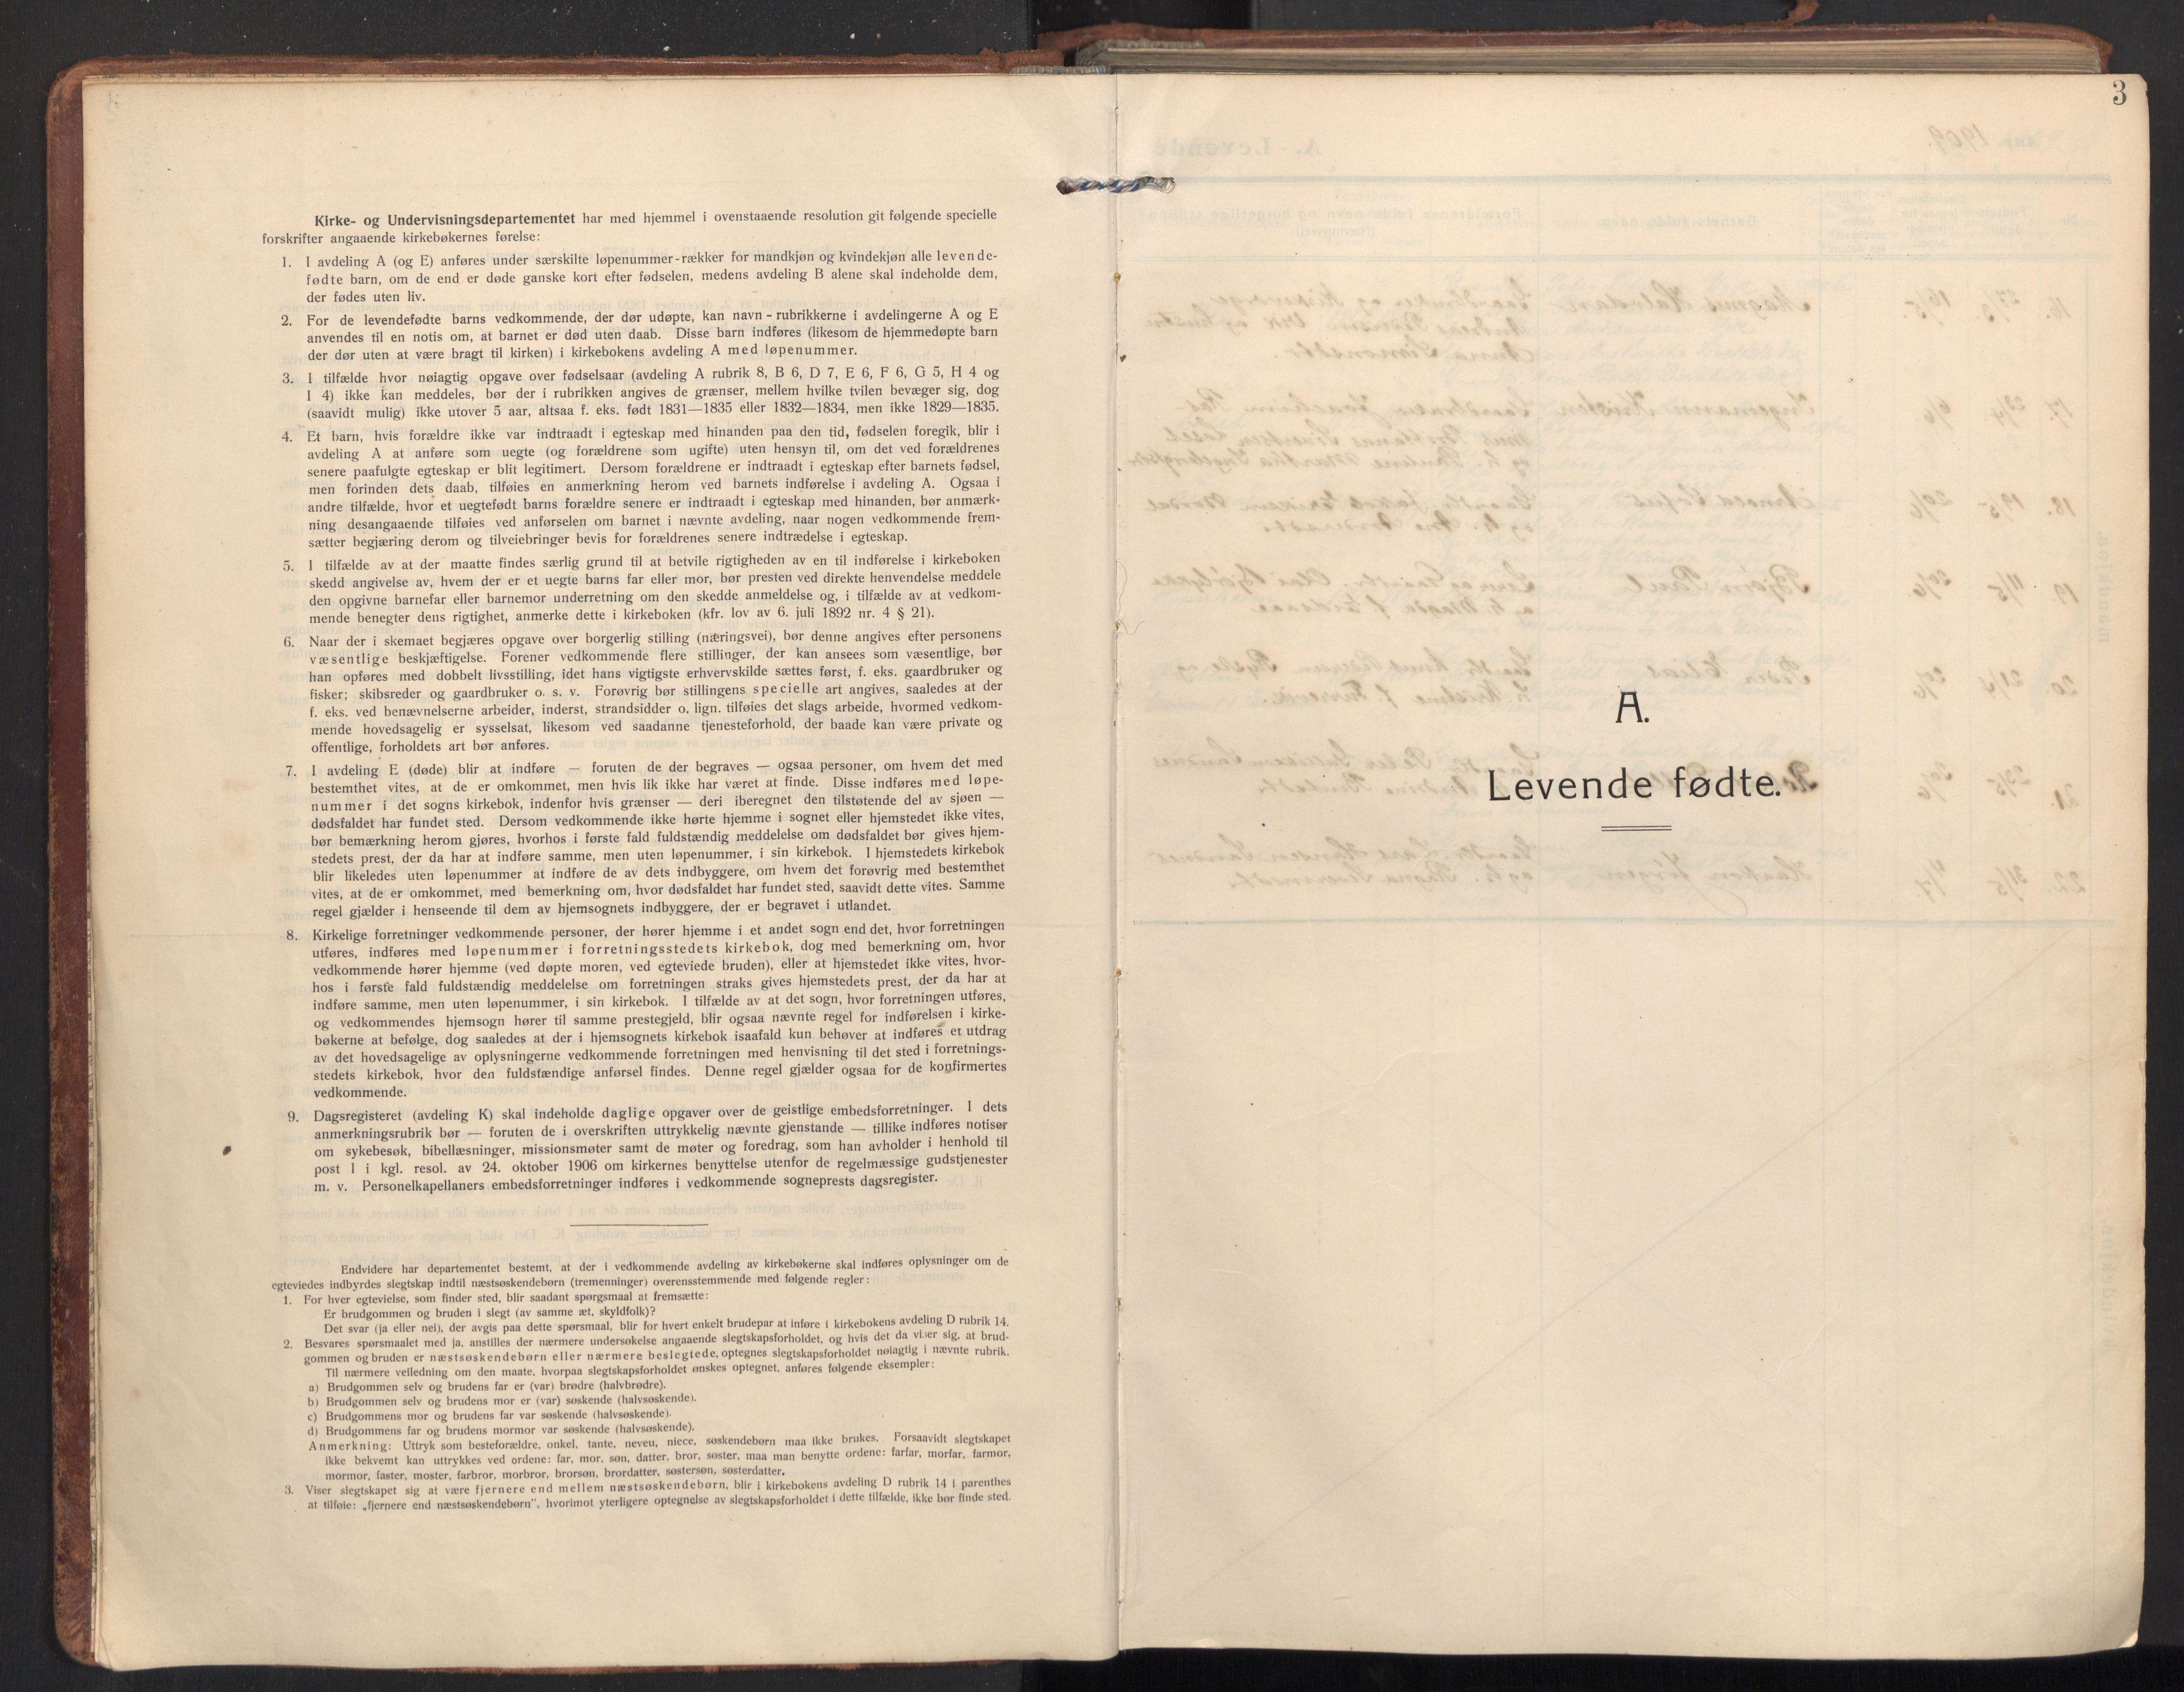 SAT, Ministerialprotokoller, klokkerbøker og fødselsregistre - Møre og Romsdal, 502/L0026: Ministerialbok nr. 502A04, 1909-1933, s. 3